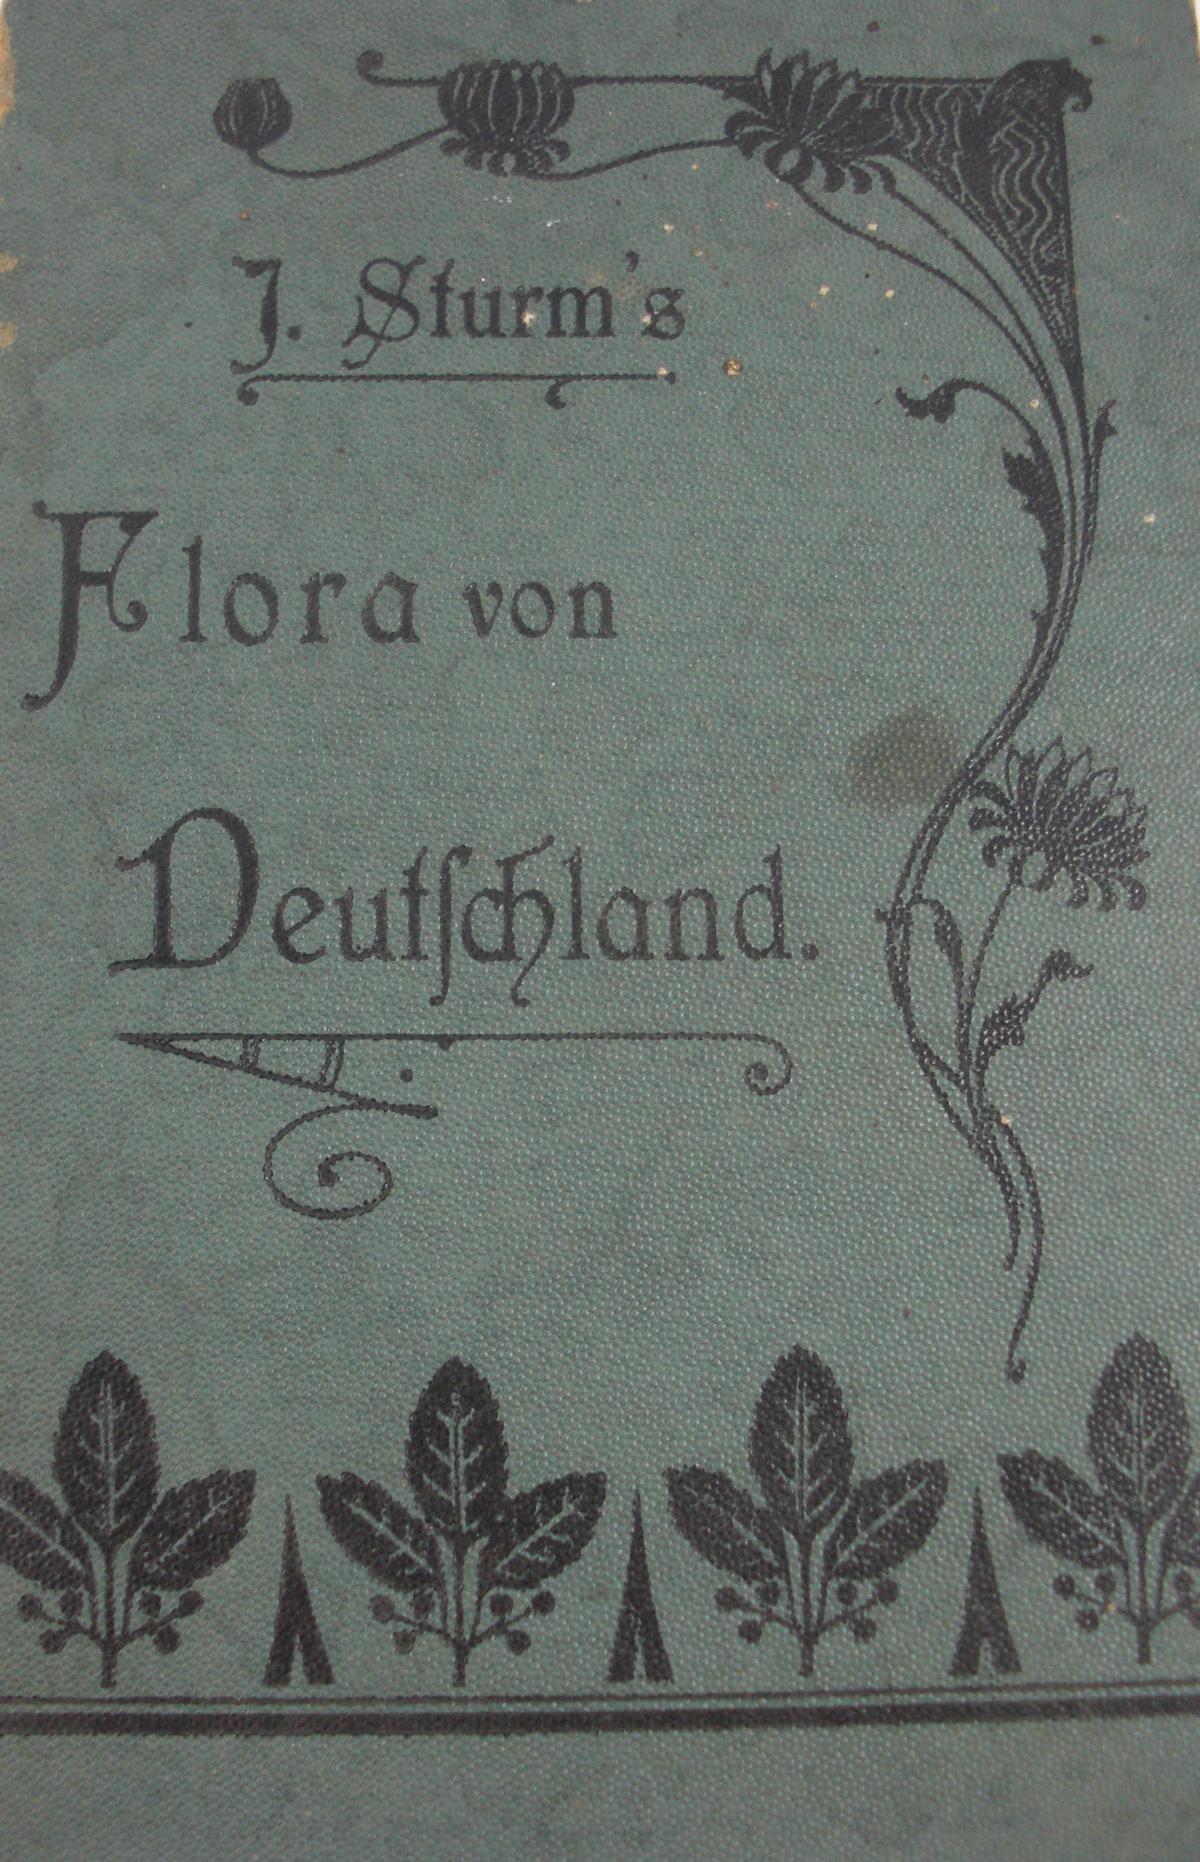 Religion - J., Sturms   : Flora von Deutschland in Abbildung der Natur zweite umgearbeitete Auflage